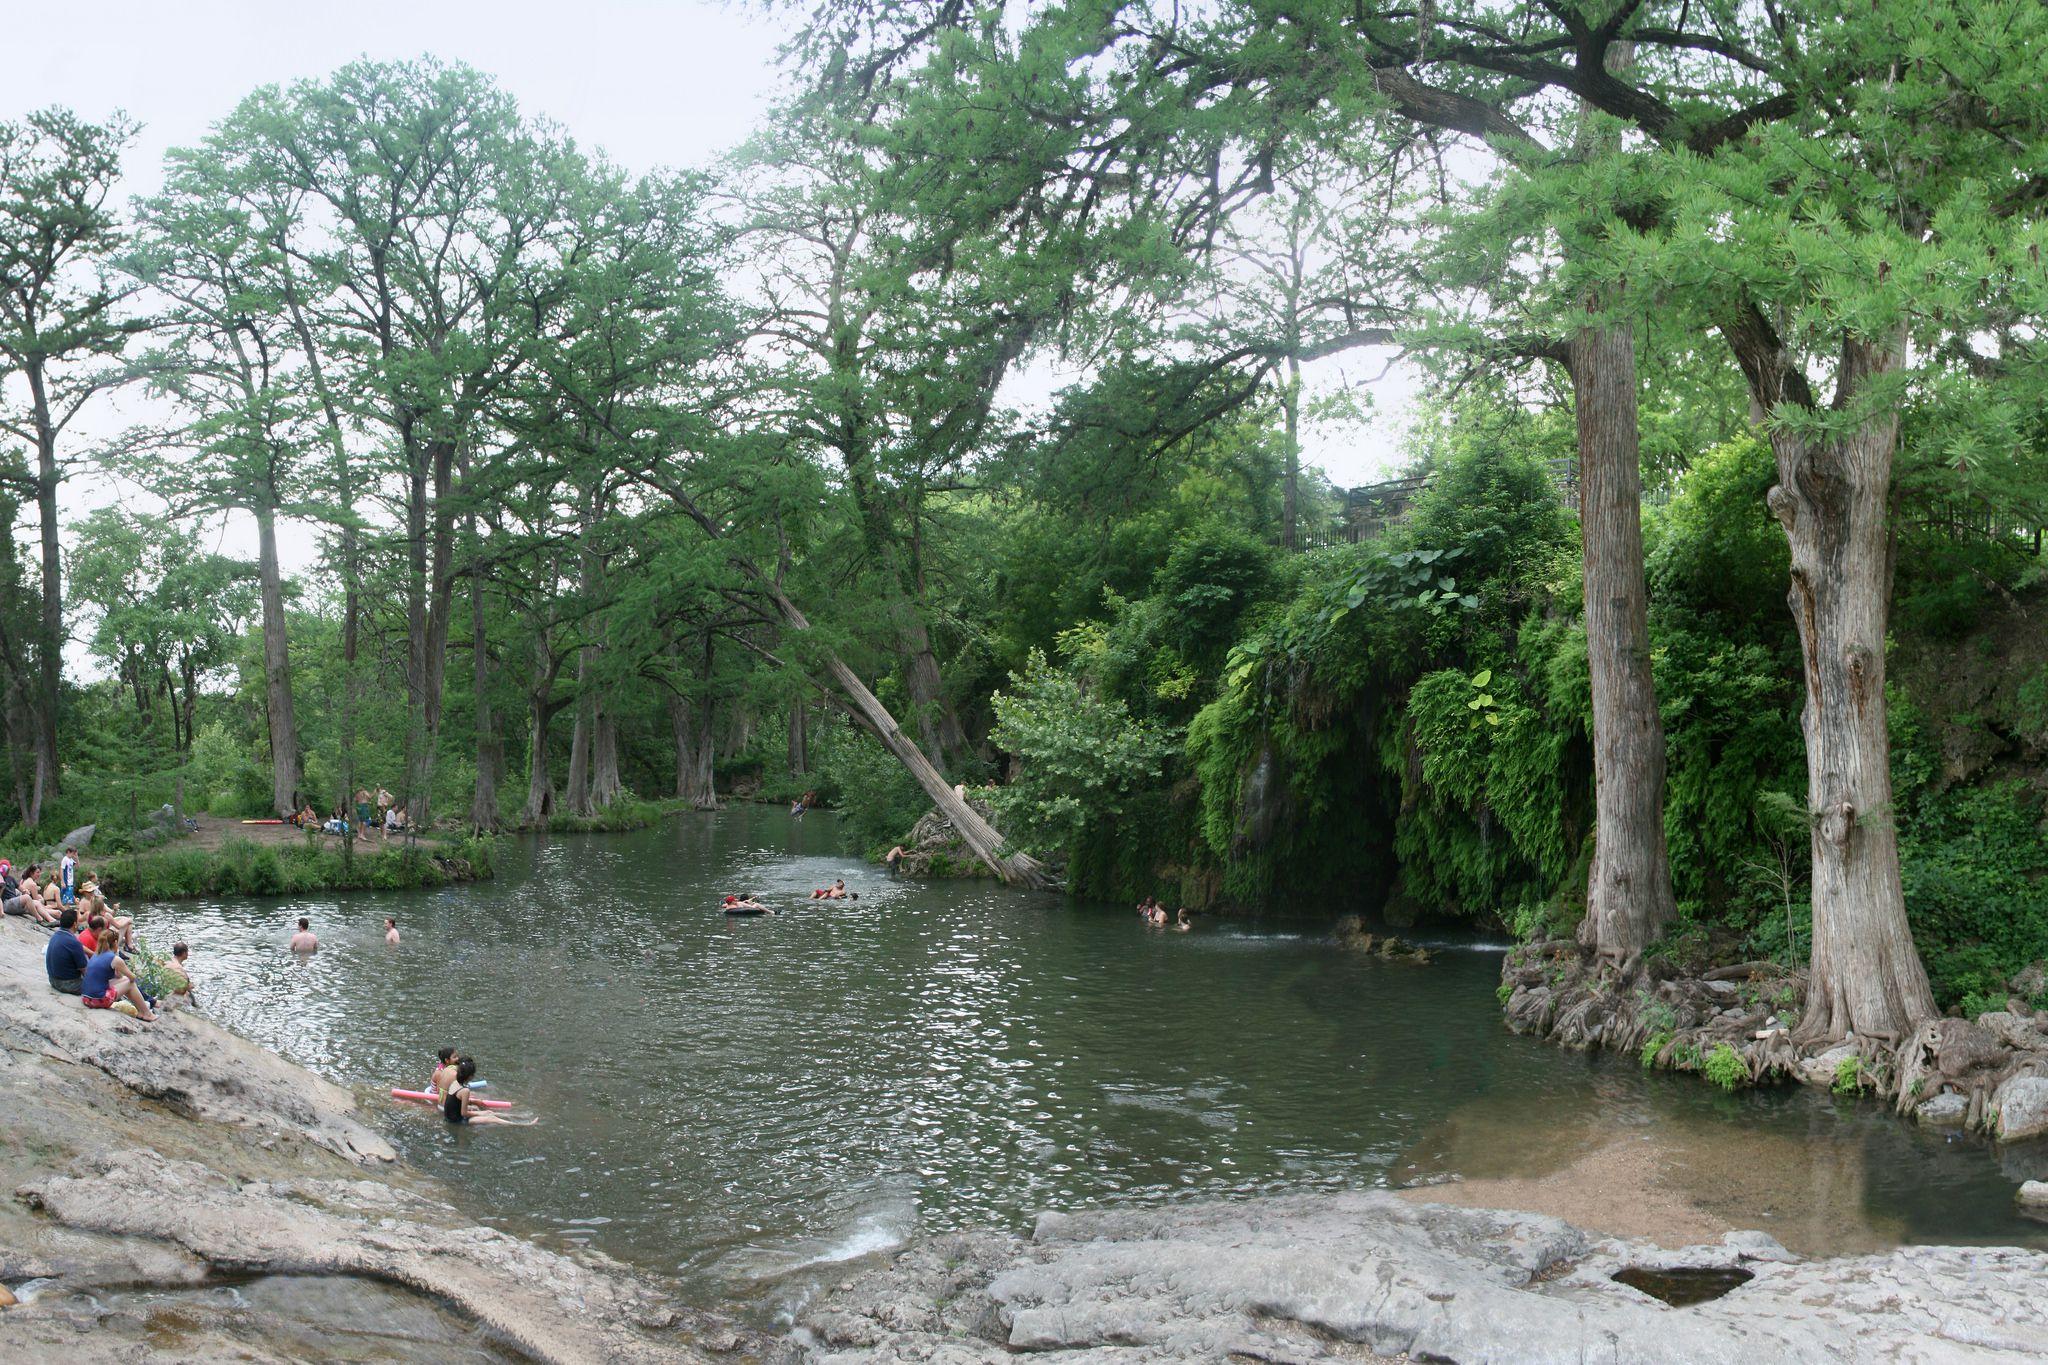 Pozo de natación en Krause Springs